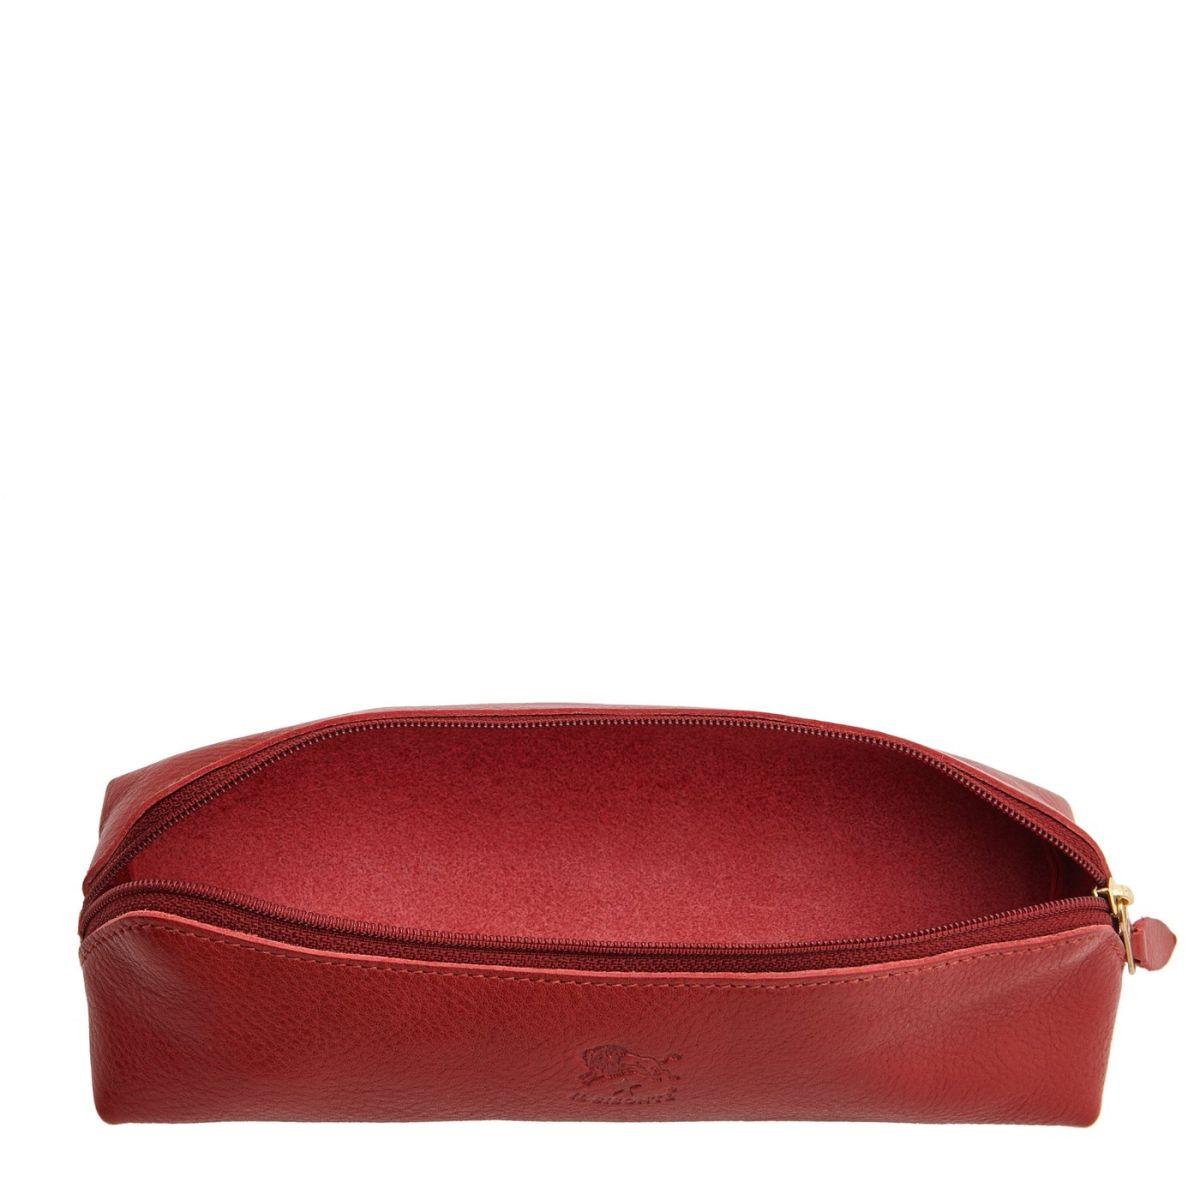 Étui pour Femme  en Cuir De Vachette Doublé SCA020 couleur Rouge | Details